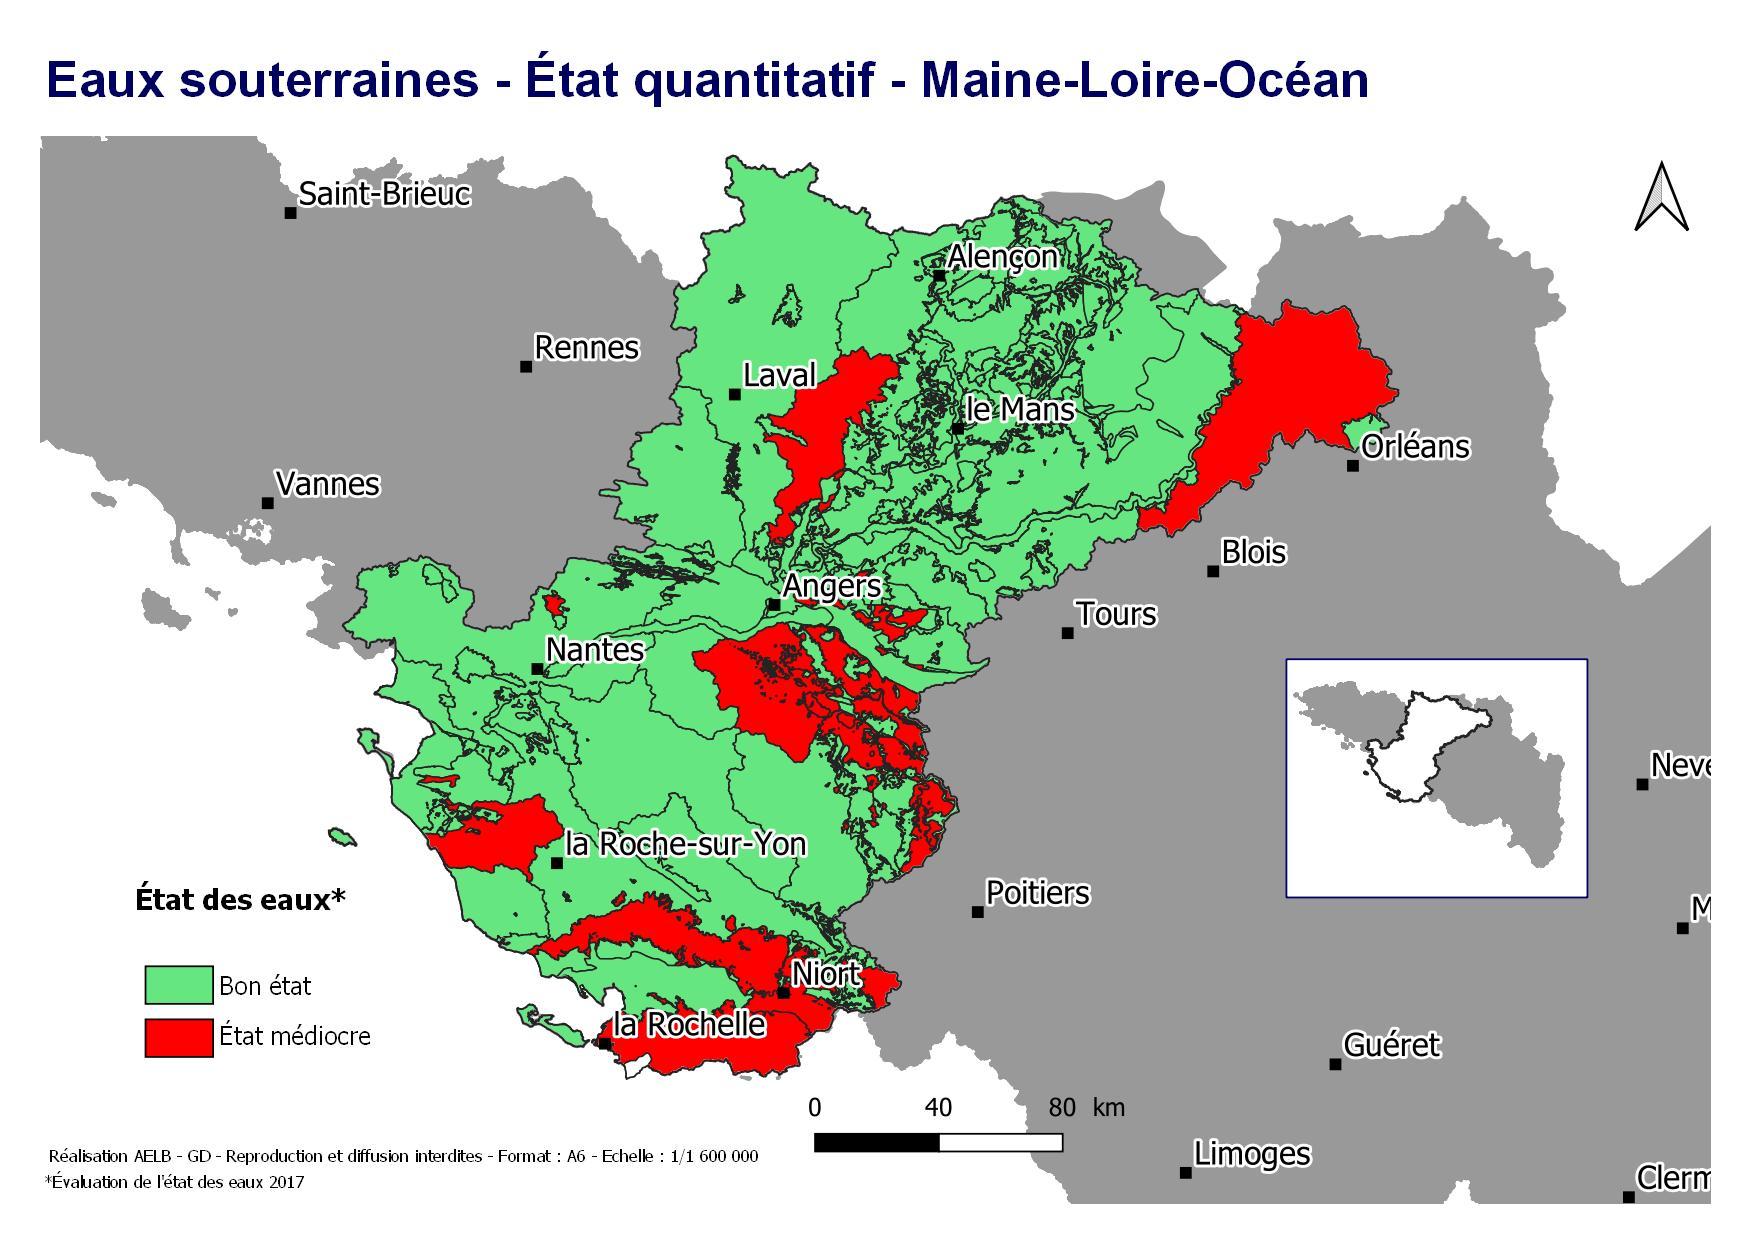 Évaluation 2017 de l'état quantitatif des eaux souterraines - Maine Loire océan